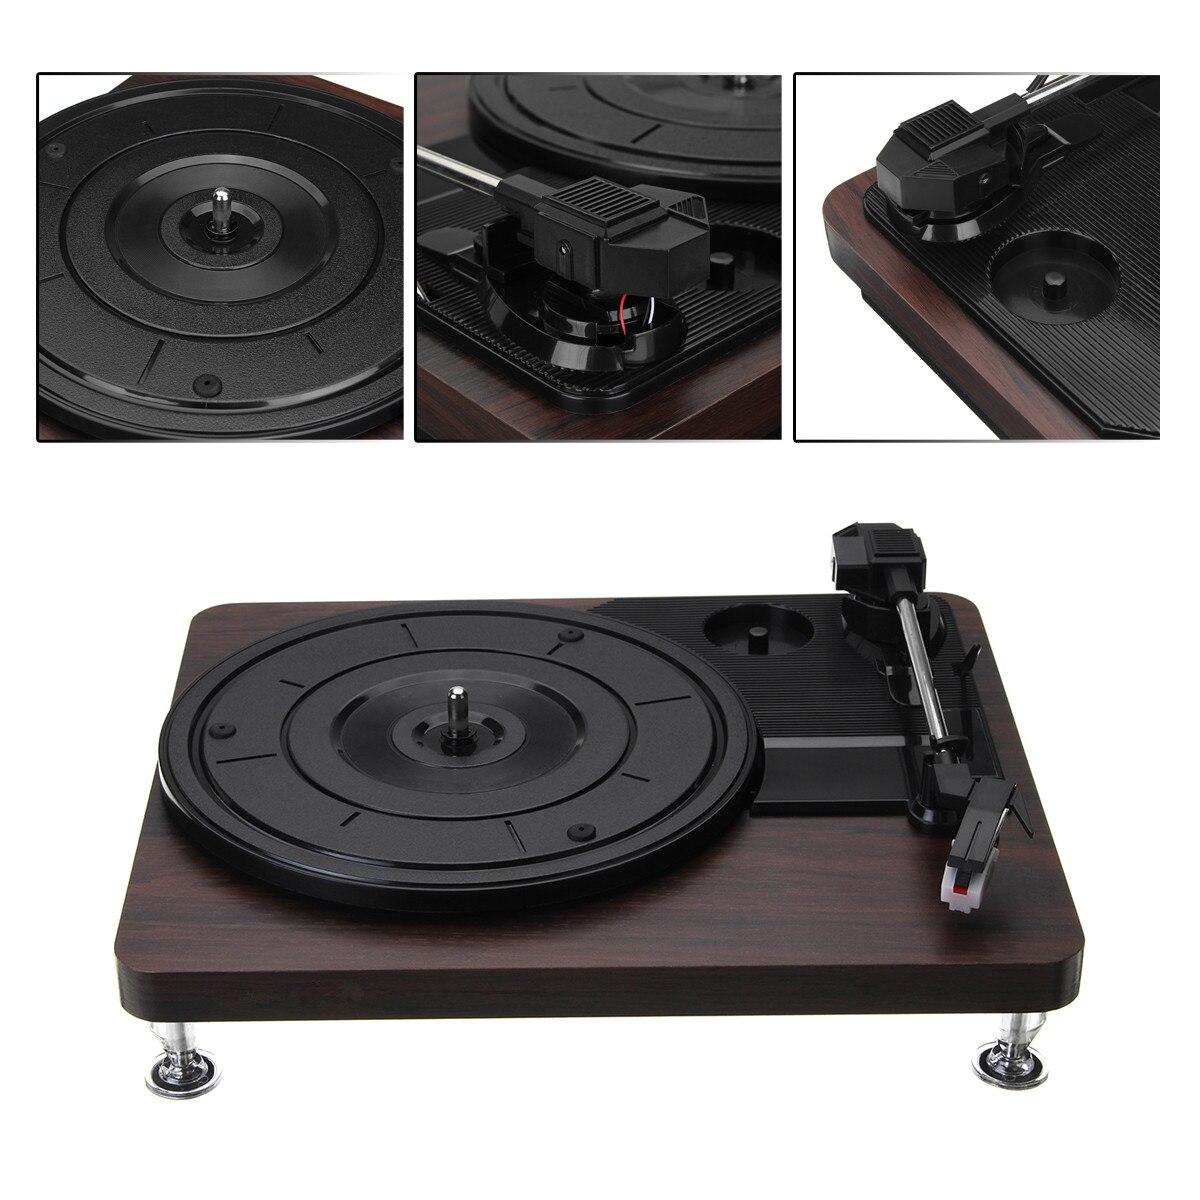 Lecteur de disque Antique Gramophone 33 tr/min disque vinyle Audio RCA R/L 3.5mm sortie USB DC 5 V chargeur couleur bois